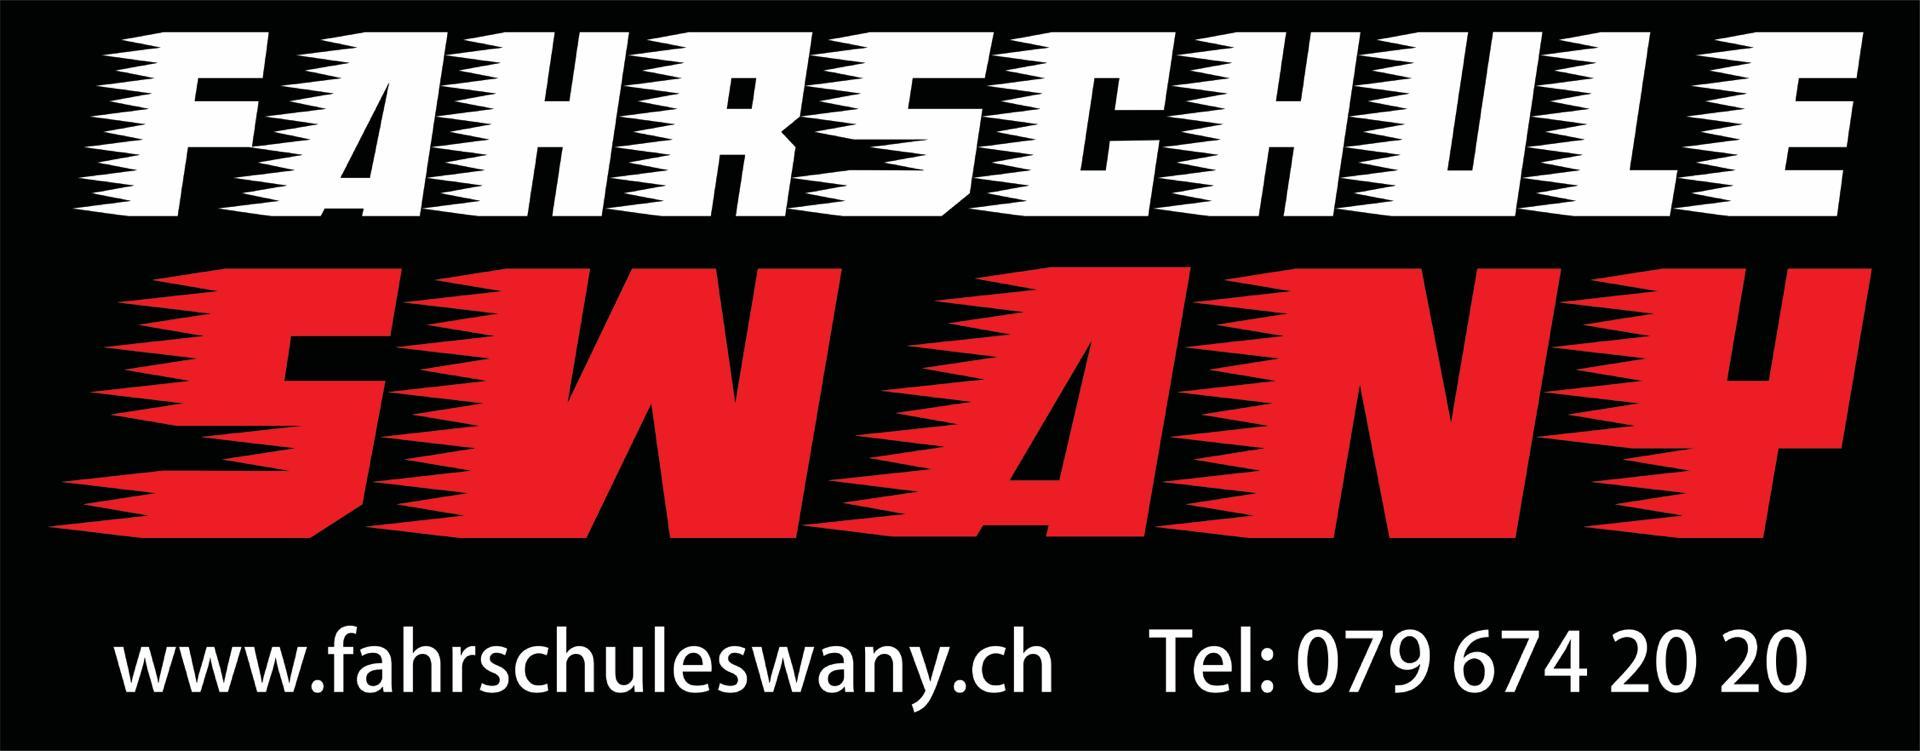 Logo Fahrschule Swany